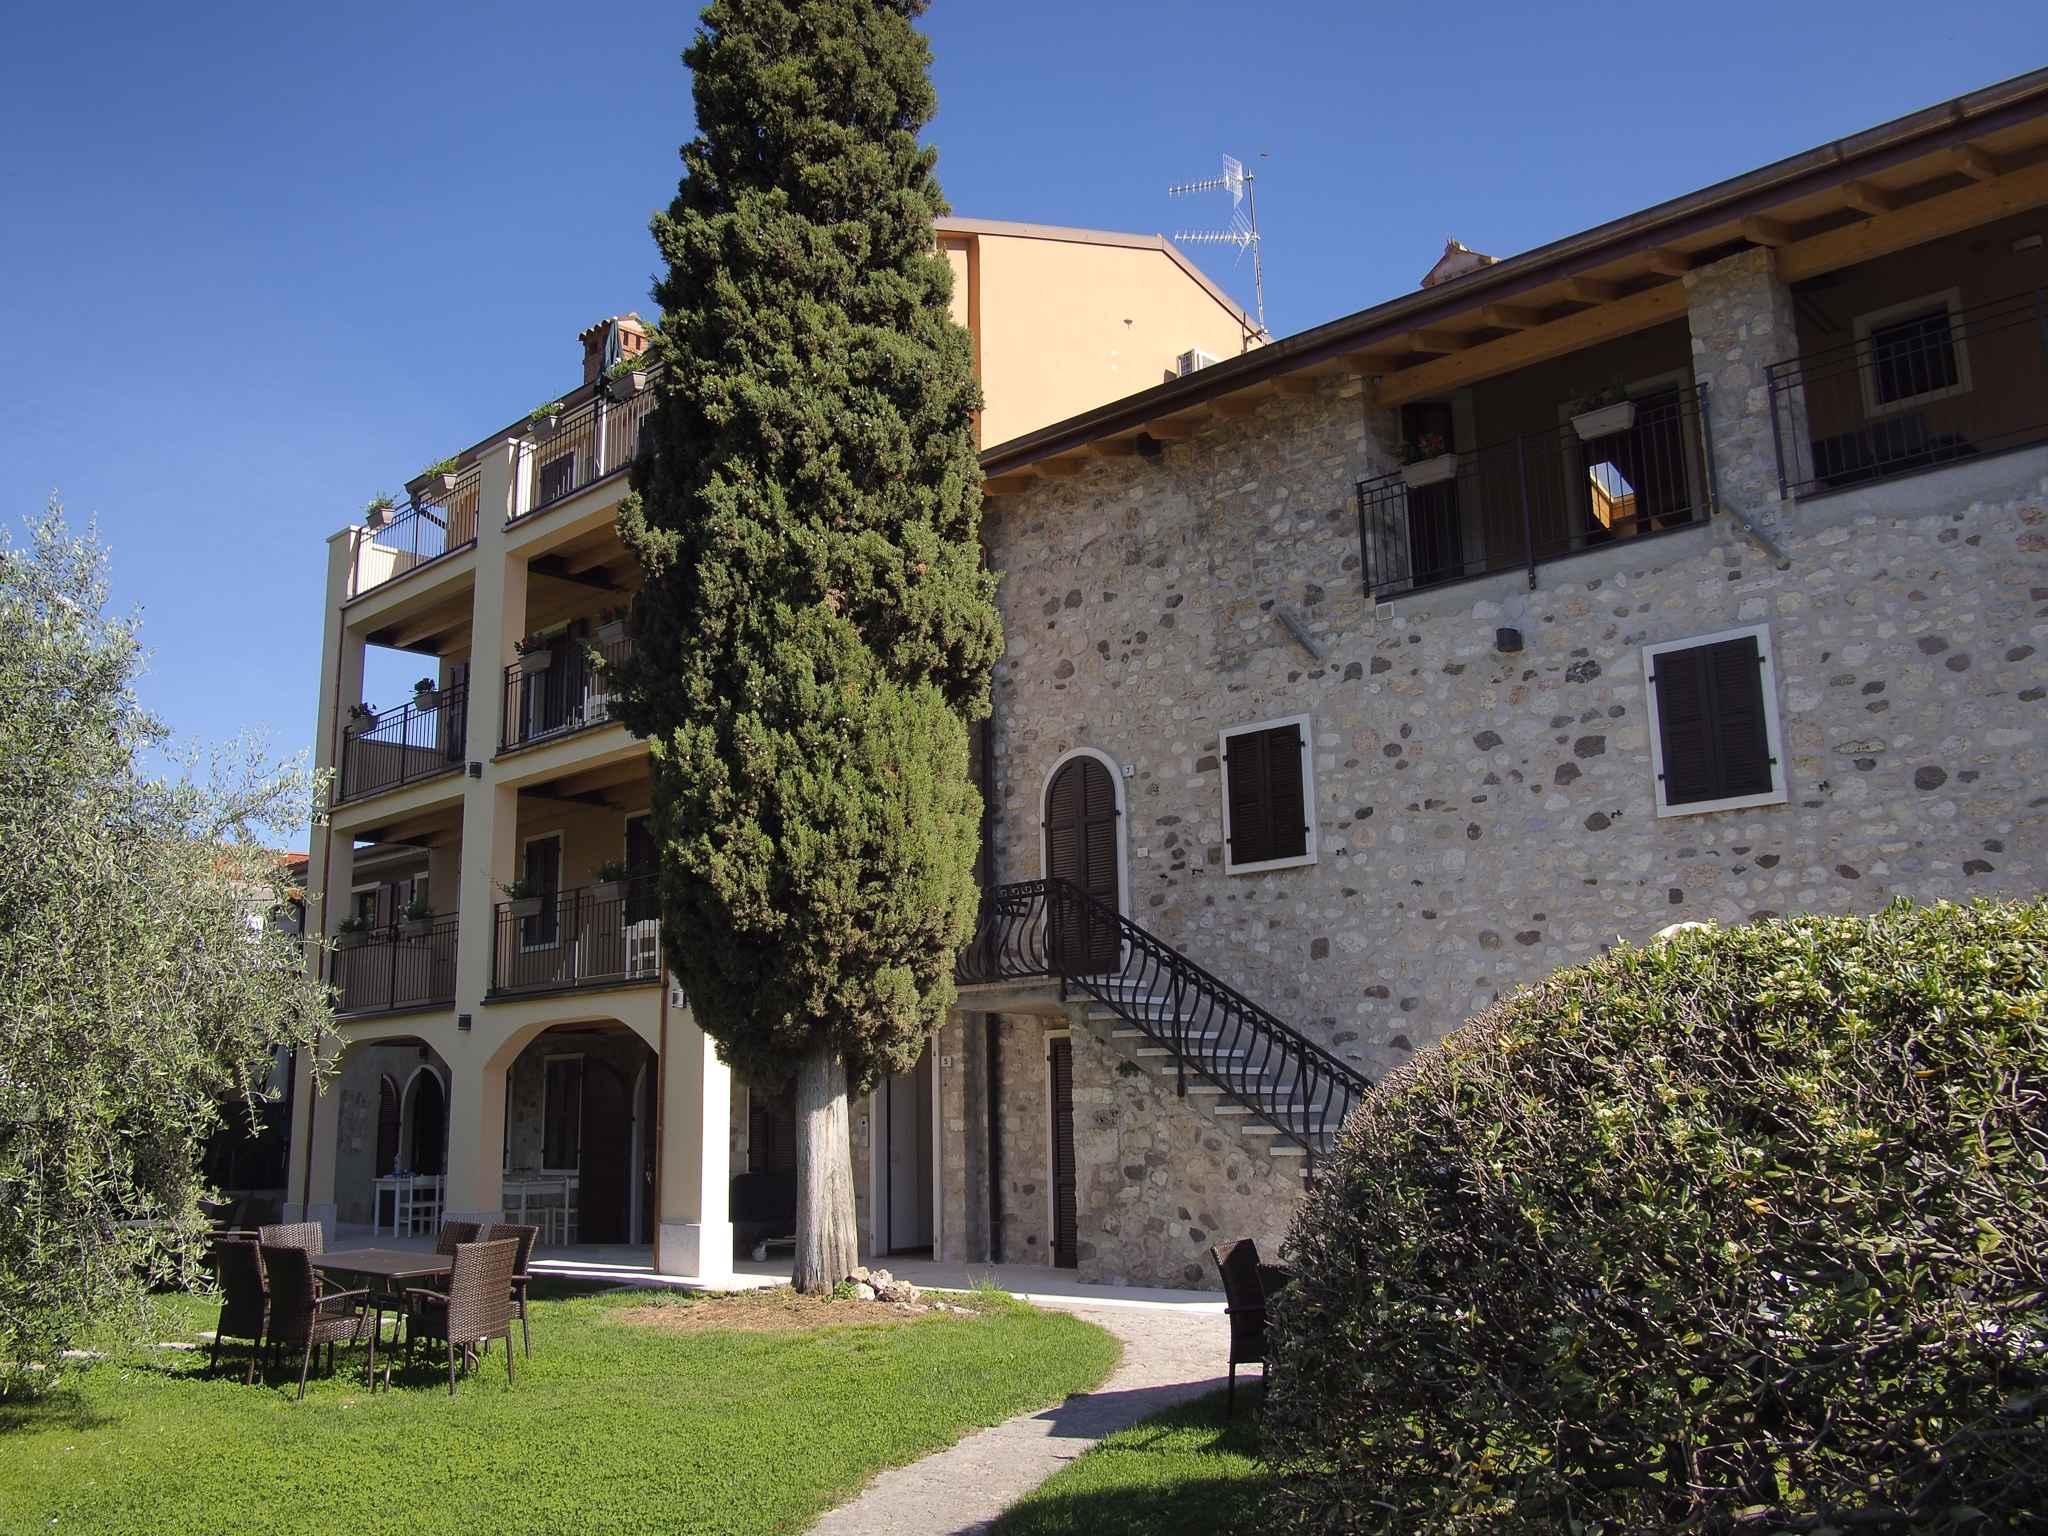 Ferienwohnung mit Balkon (279542), Garda, Gardasee, Venetien, Italien, Bild 2